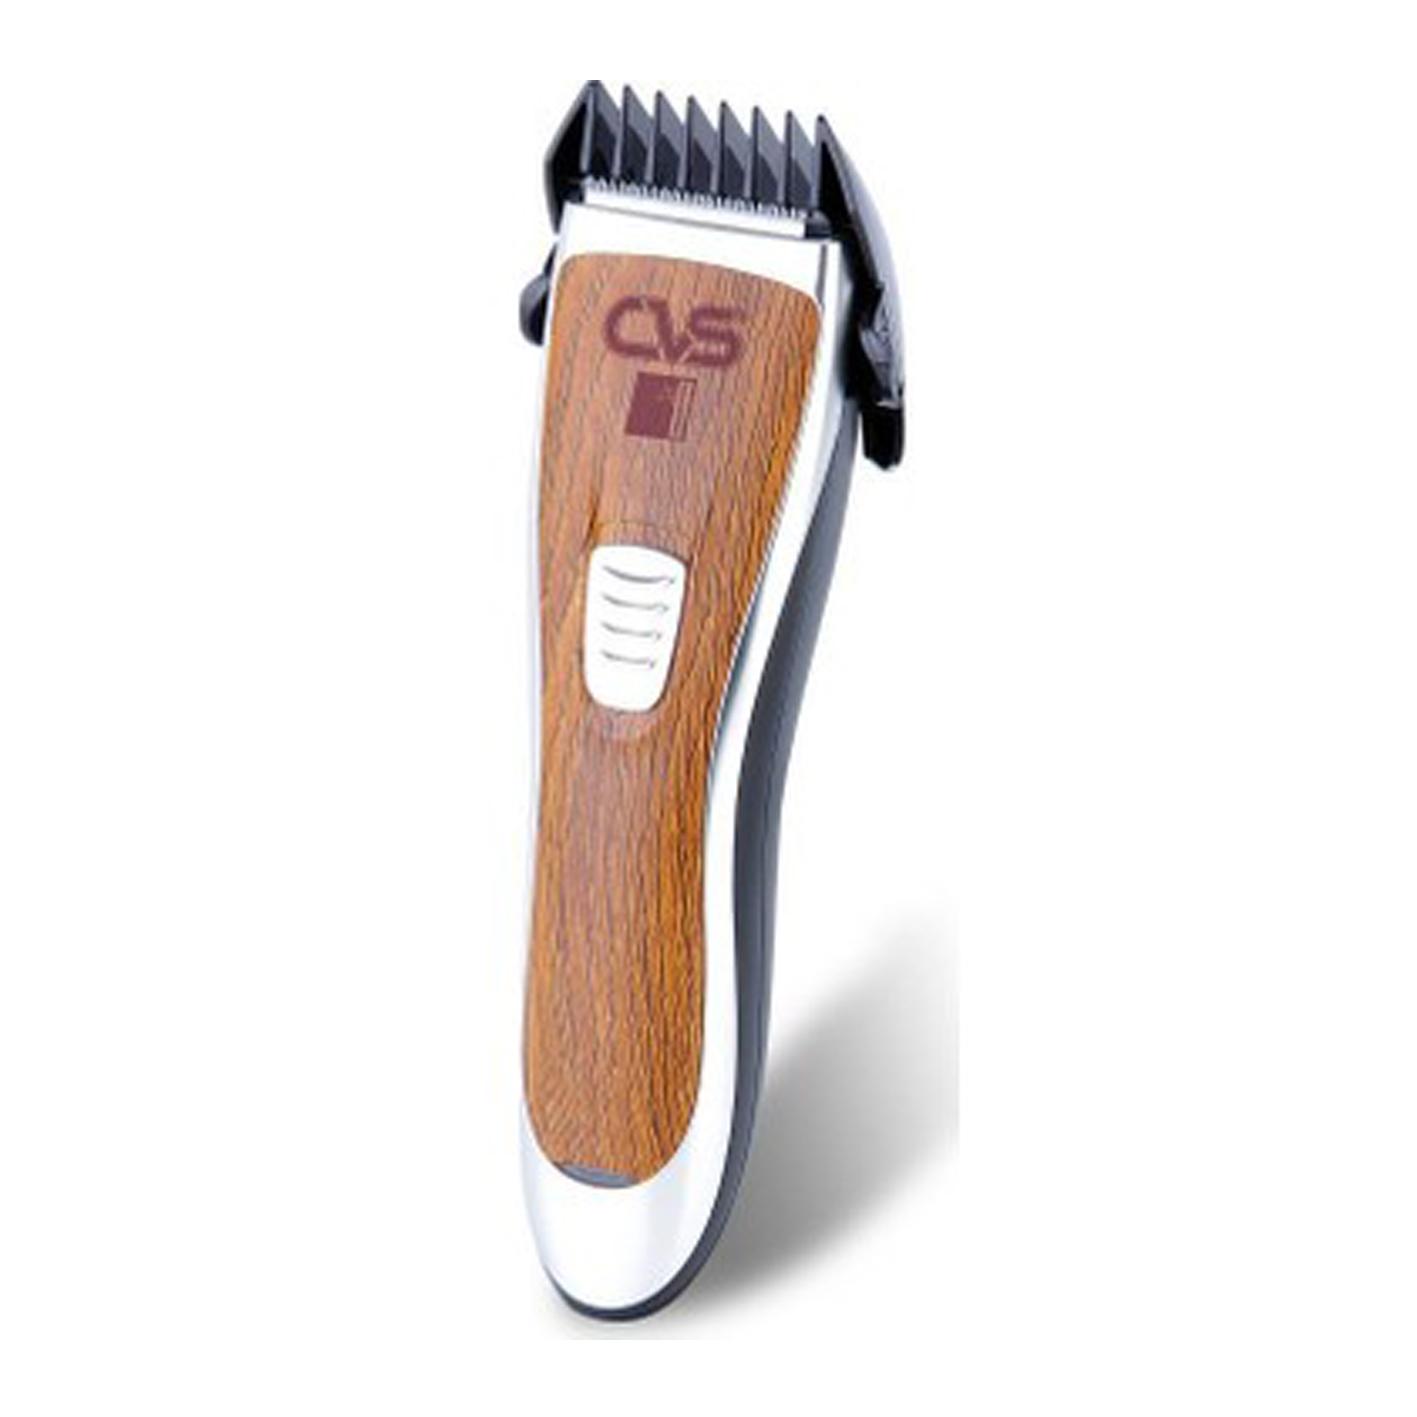 Cvs Dn 7420 Bamboo Şarjlı Saç Sakal Kesme Makinesi